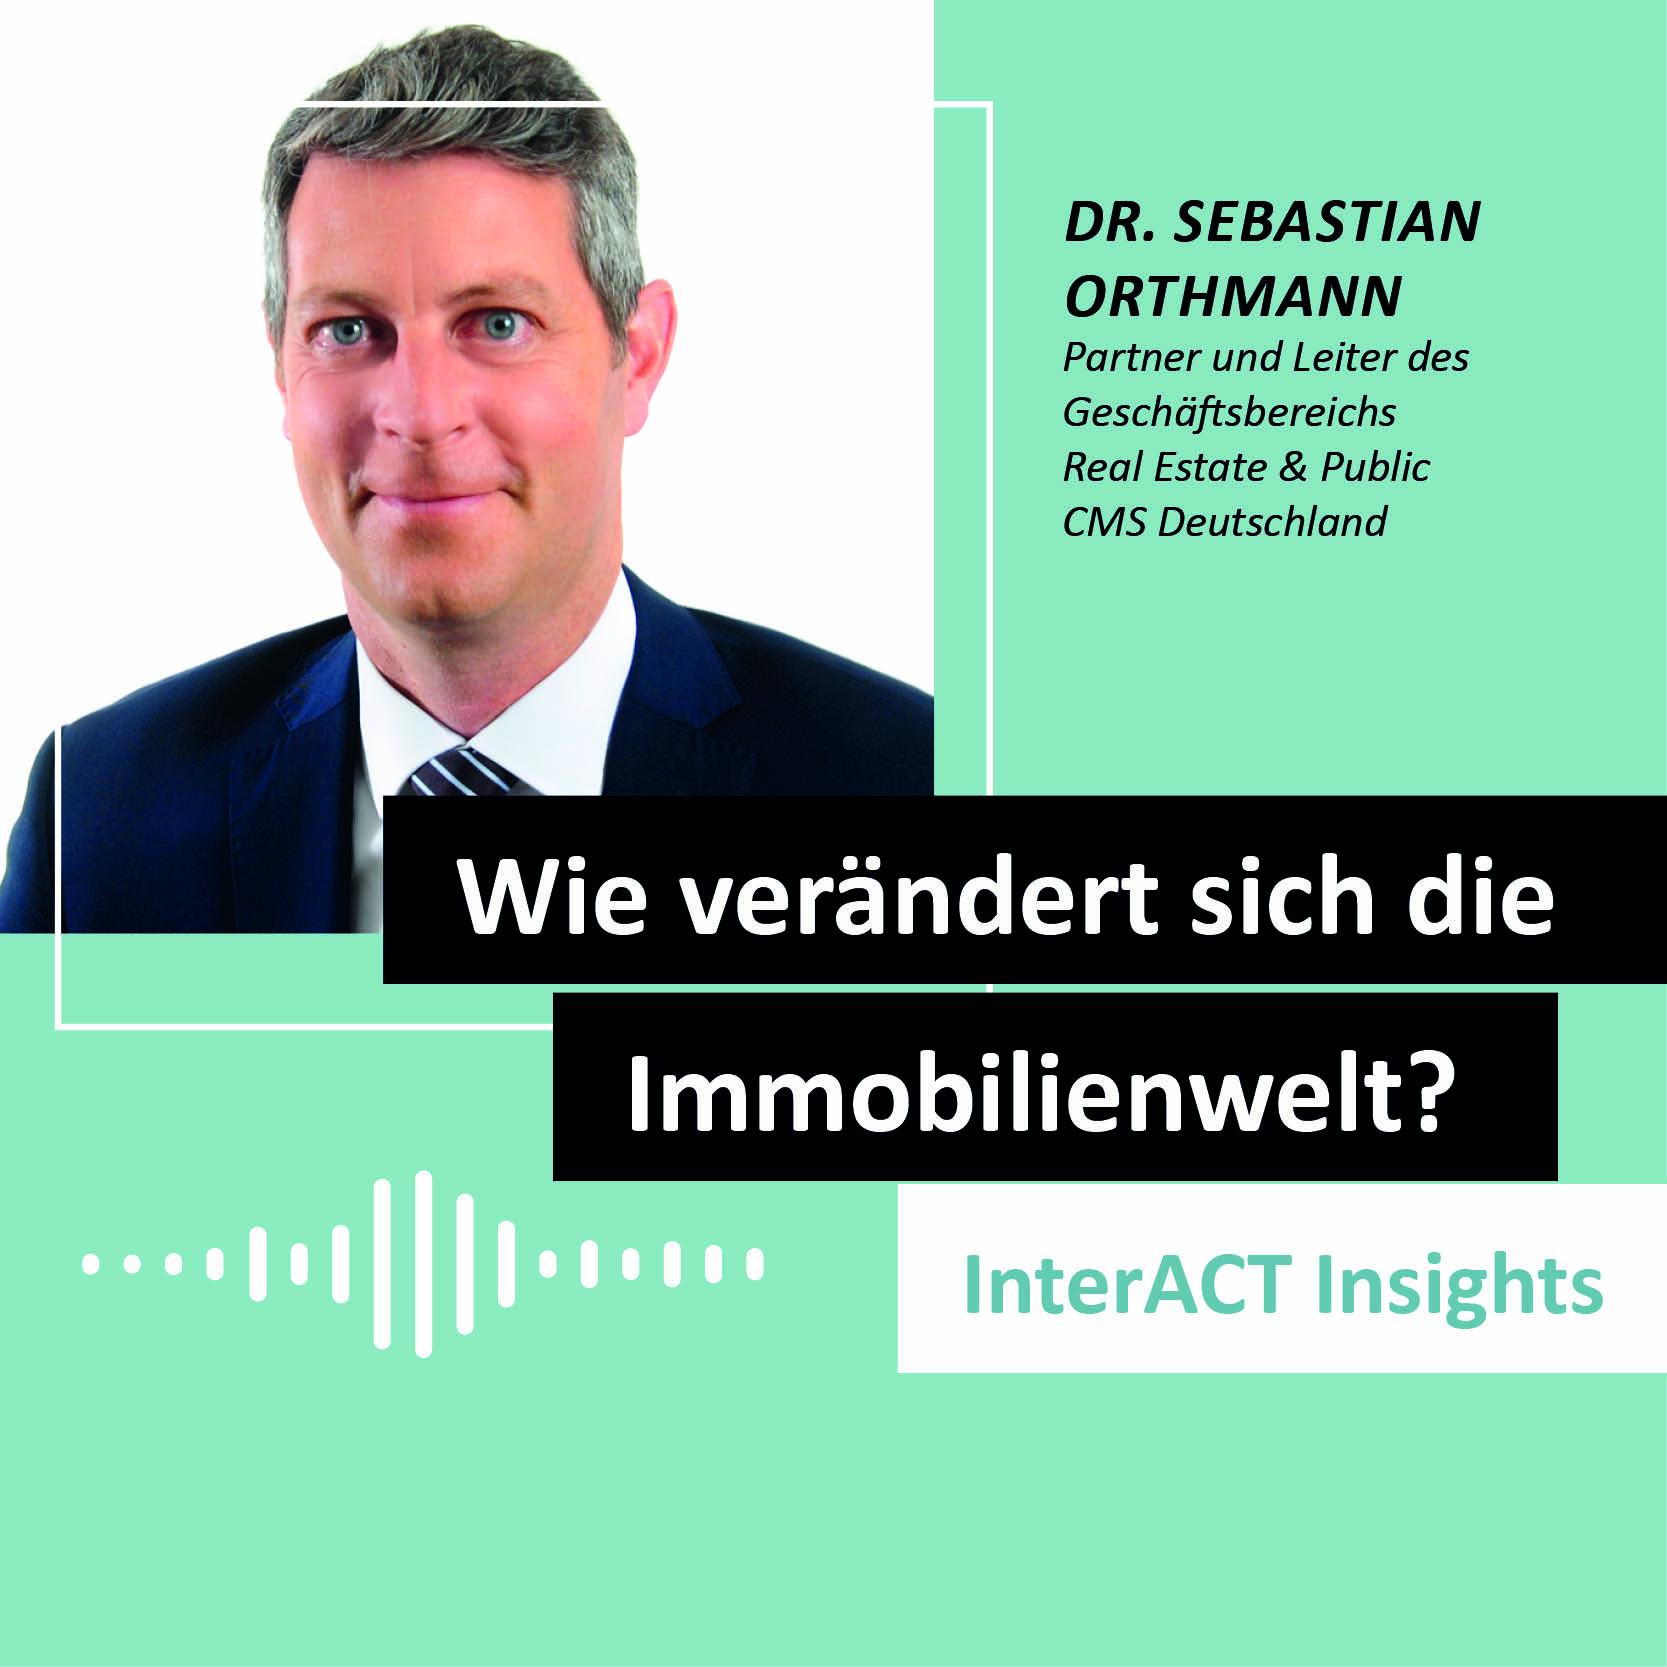 """Podcastfolge mit Dr. Sebastian Orthmann - """"Wie verändert sich die Immobilienwelt?"""" - InterACT Insights"""